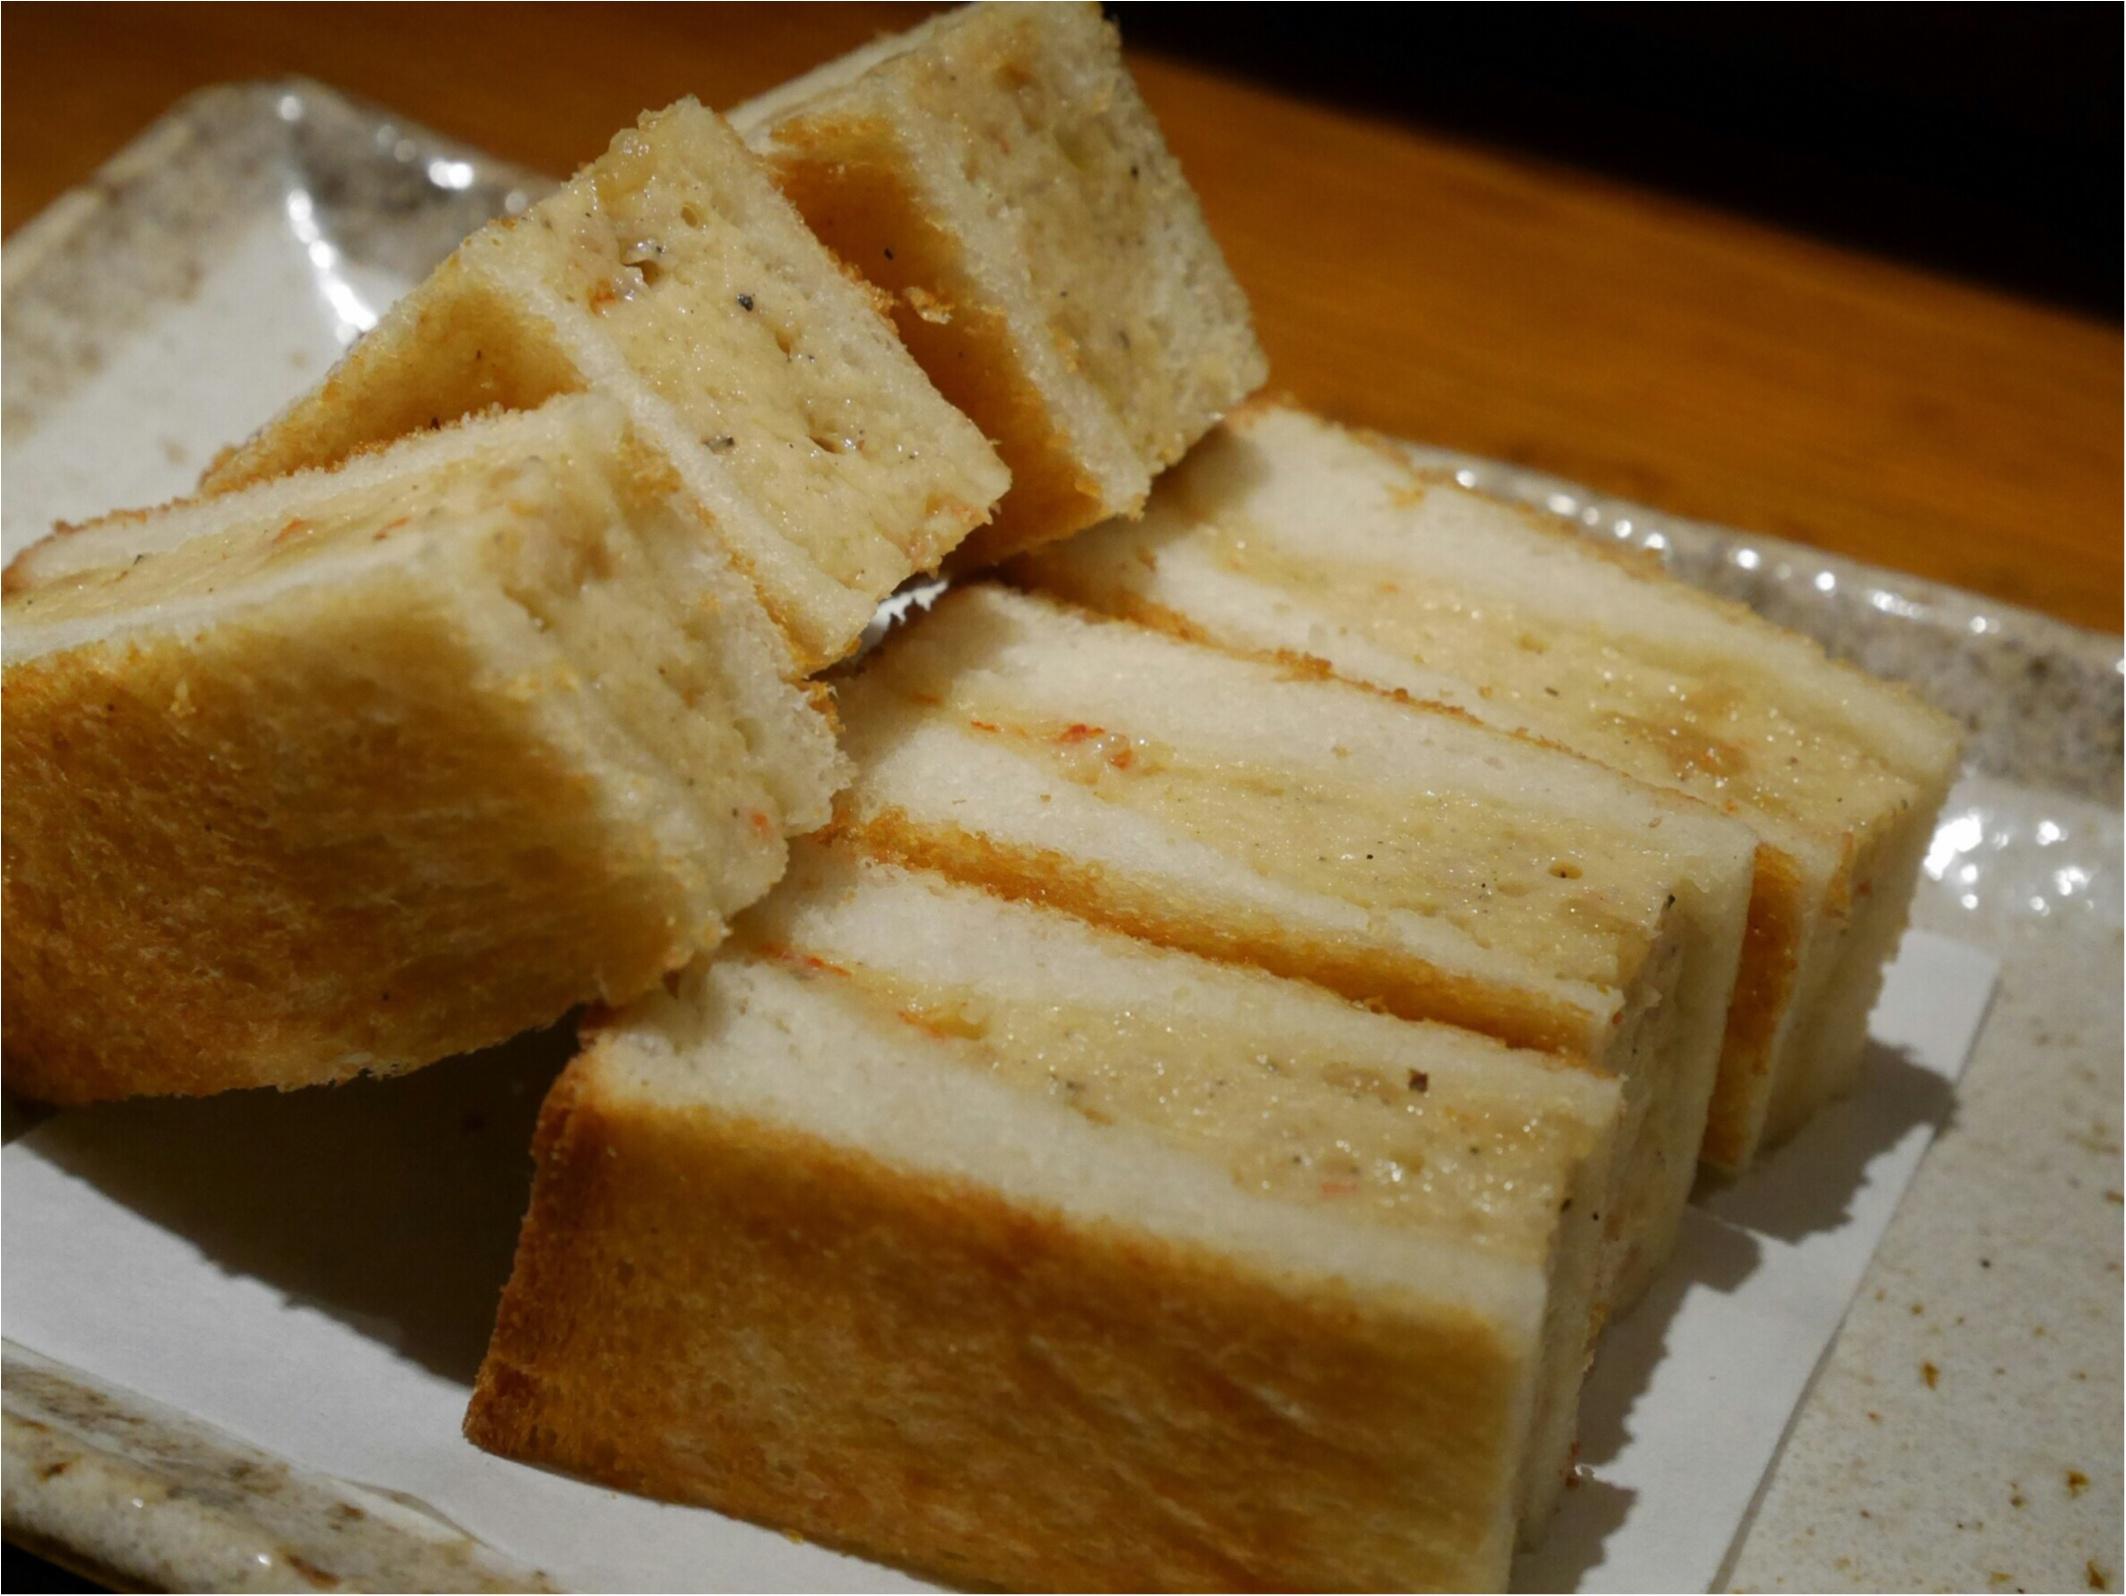 【恵比寿】そば・しゃぶしゃぶ・日本酒を楽しむなら『まにん』✨黒豚つけ麺そばが絶品〜♡_5_2